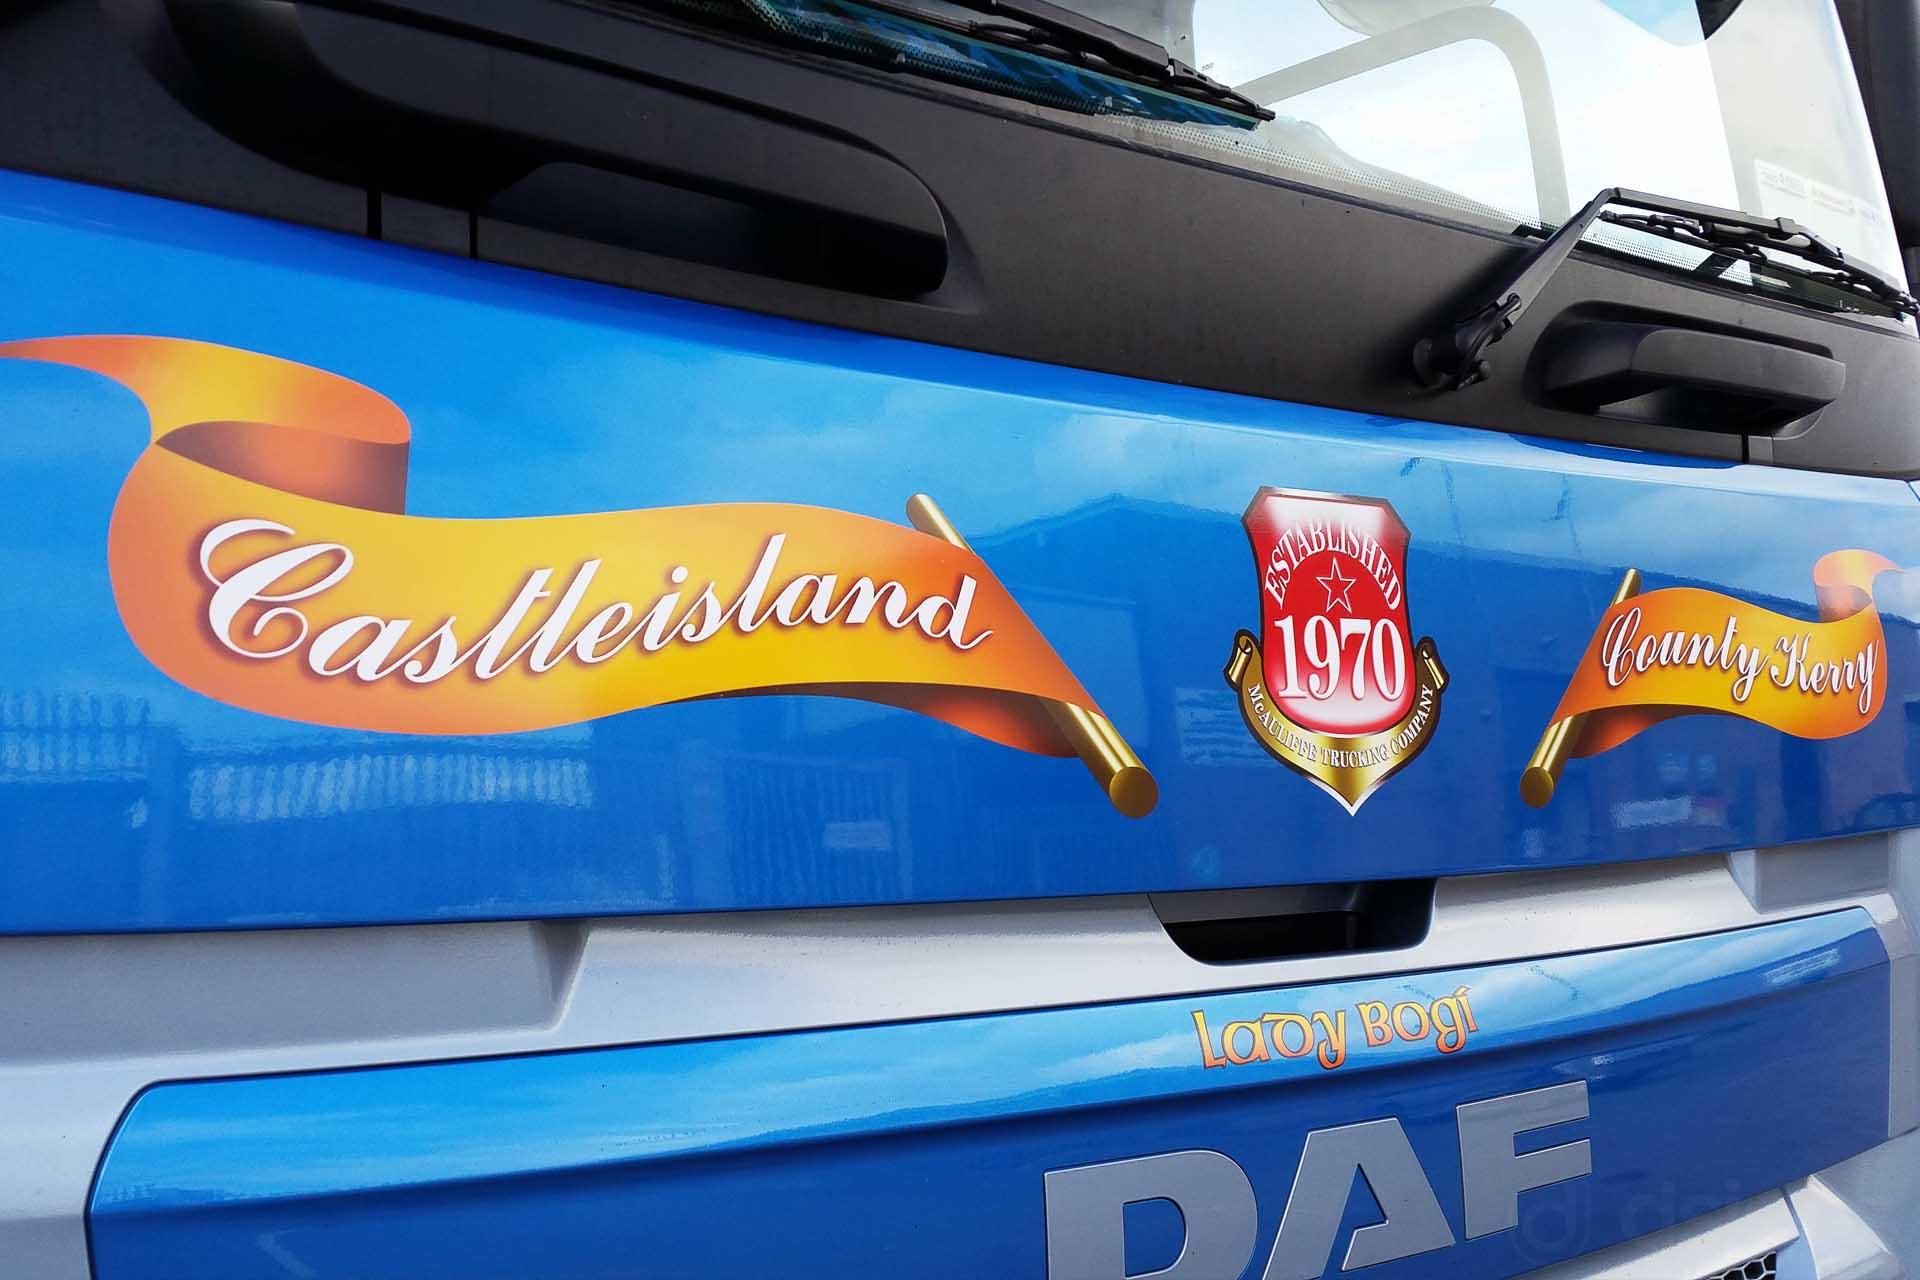 ef0a418ecffd2e McAuliffe Trucking - Digital Truck Graphics